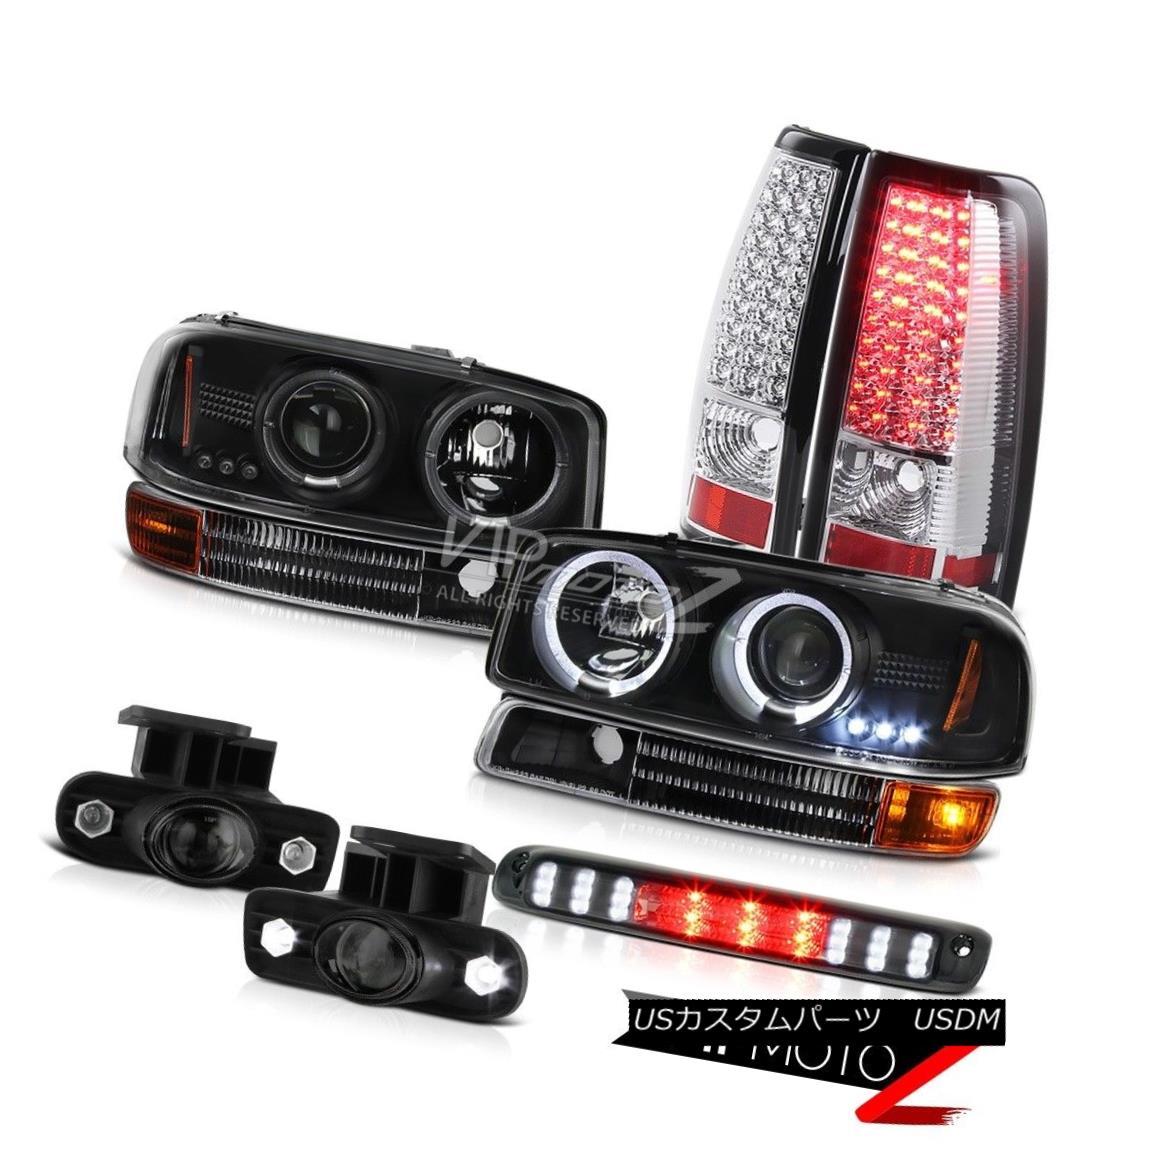 ヘッドライト 99 00 01 02 Sierra 3500HD L.E.D DRL Halo Headlight Bumper LED Taillamp Smoke Fog 99 00 01 02 Sierra 3500HD L.E.D DRLハローヘッドライトバンパーLEDタイルランプスモークフォグ